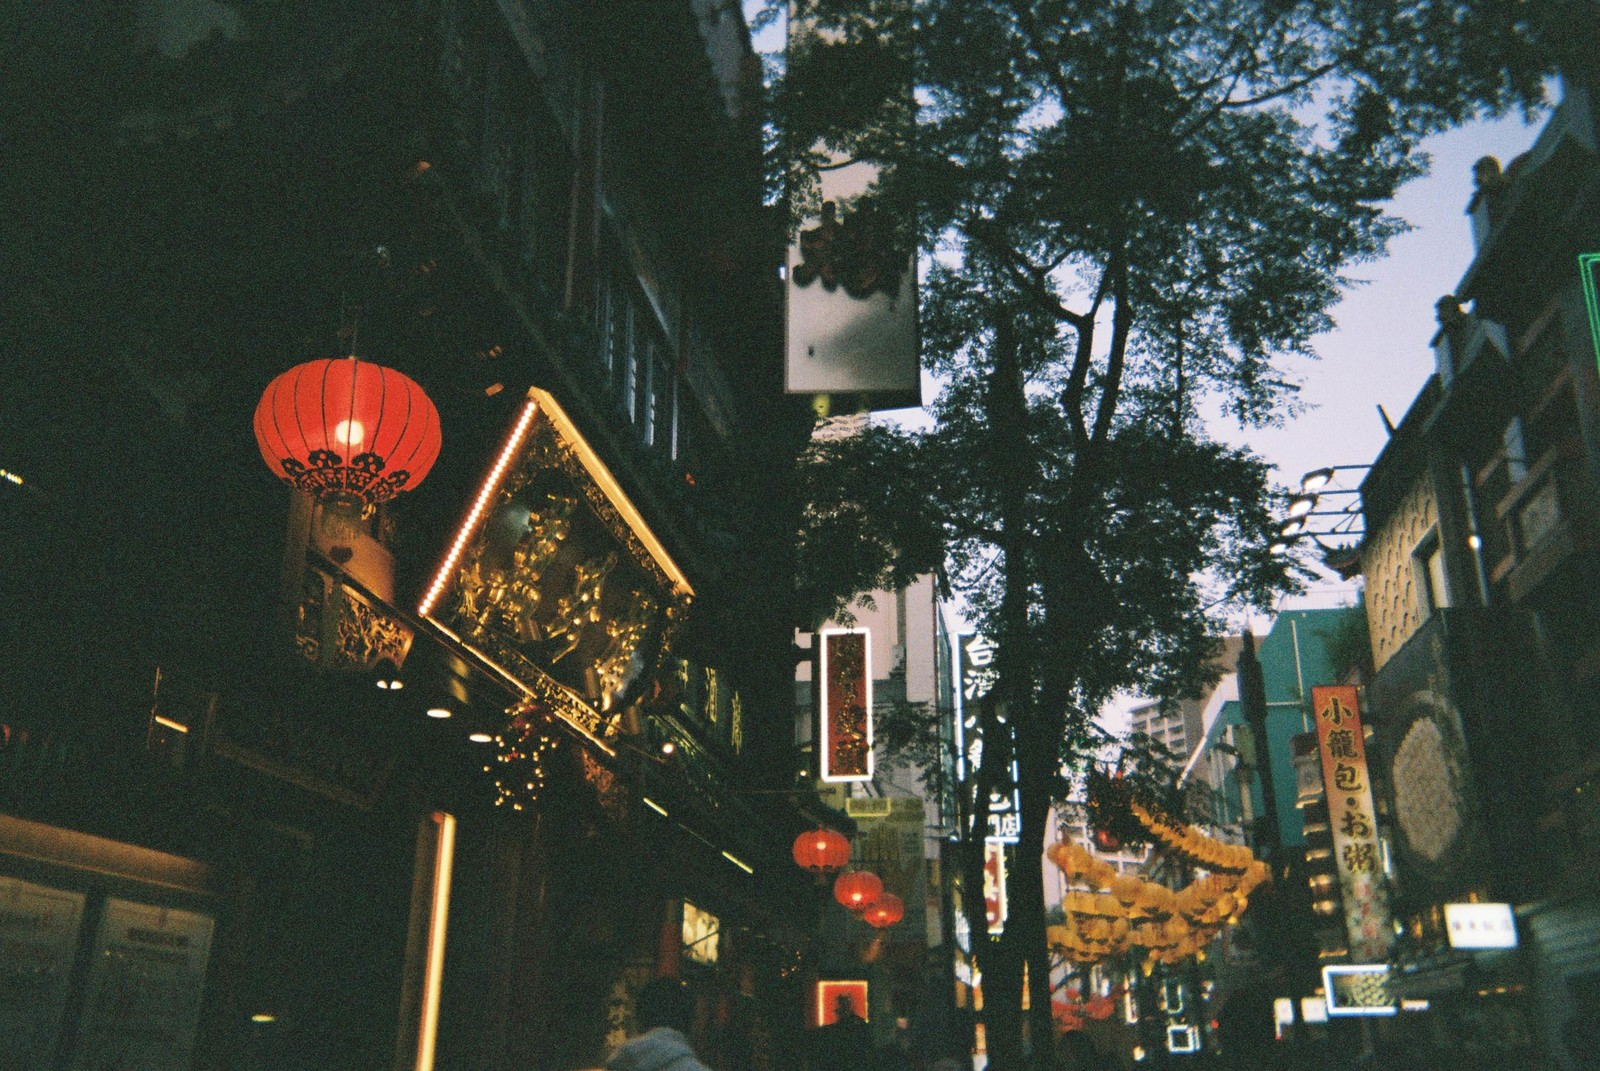 「中華街の路地」の写真